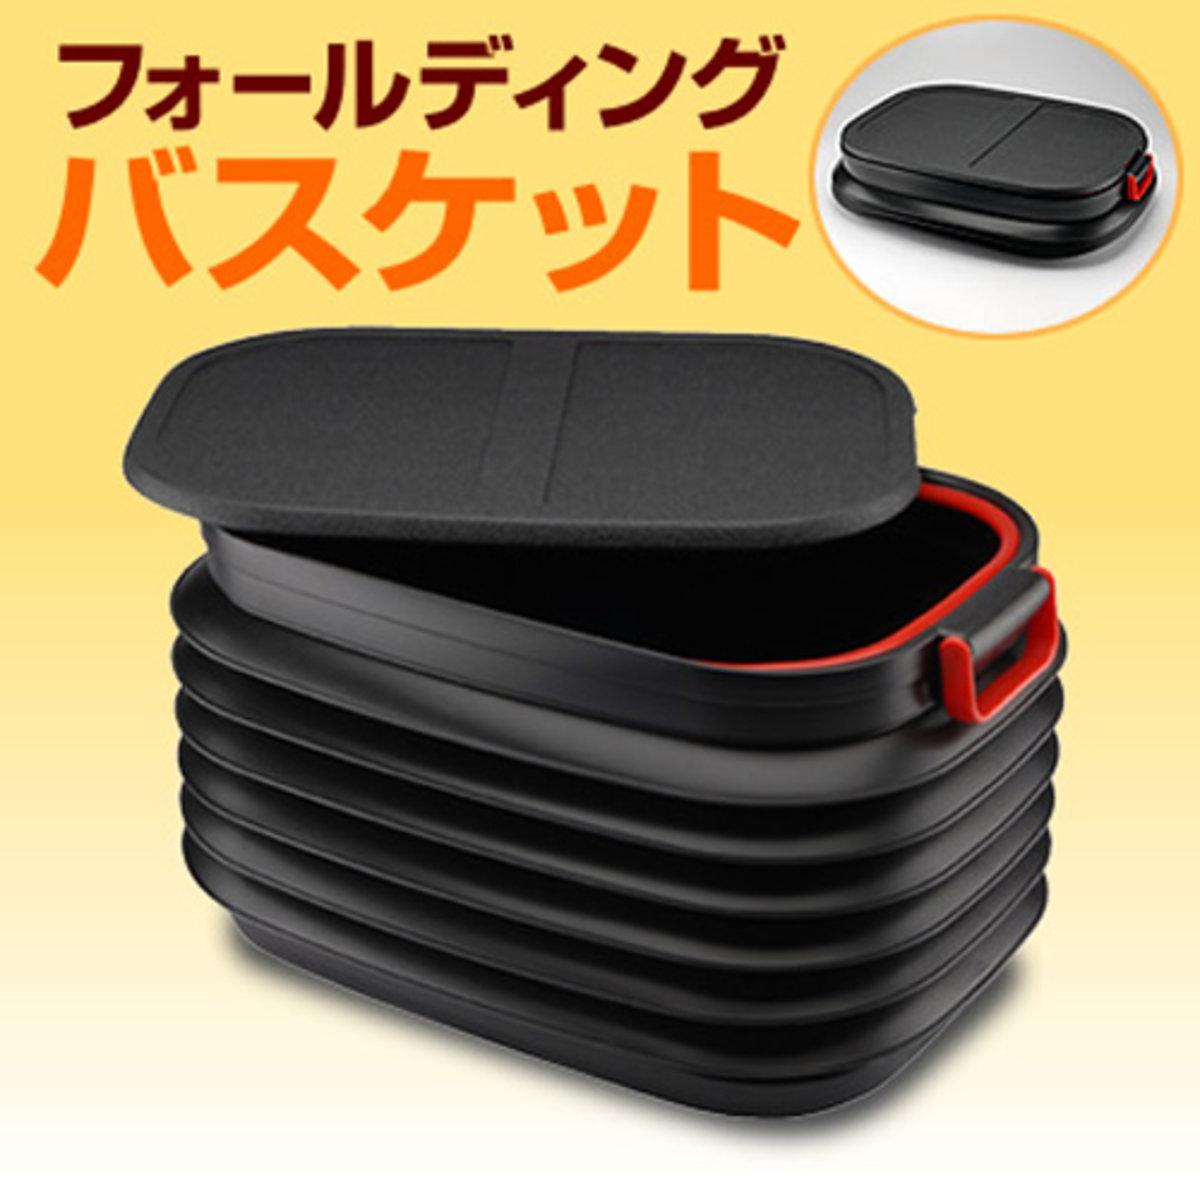 Expandable plastic water tank - black